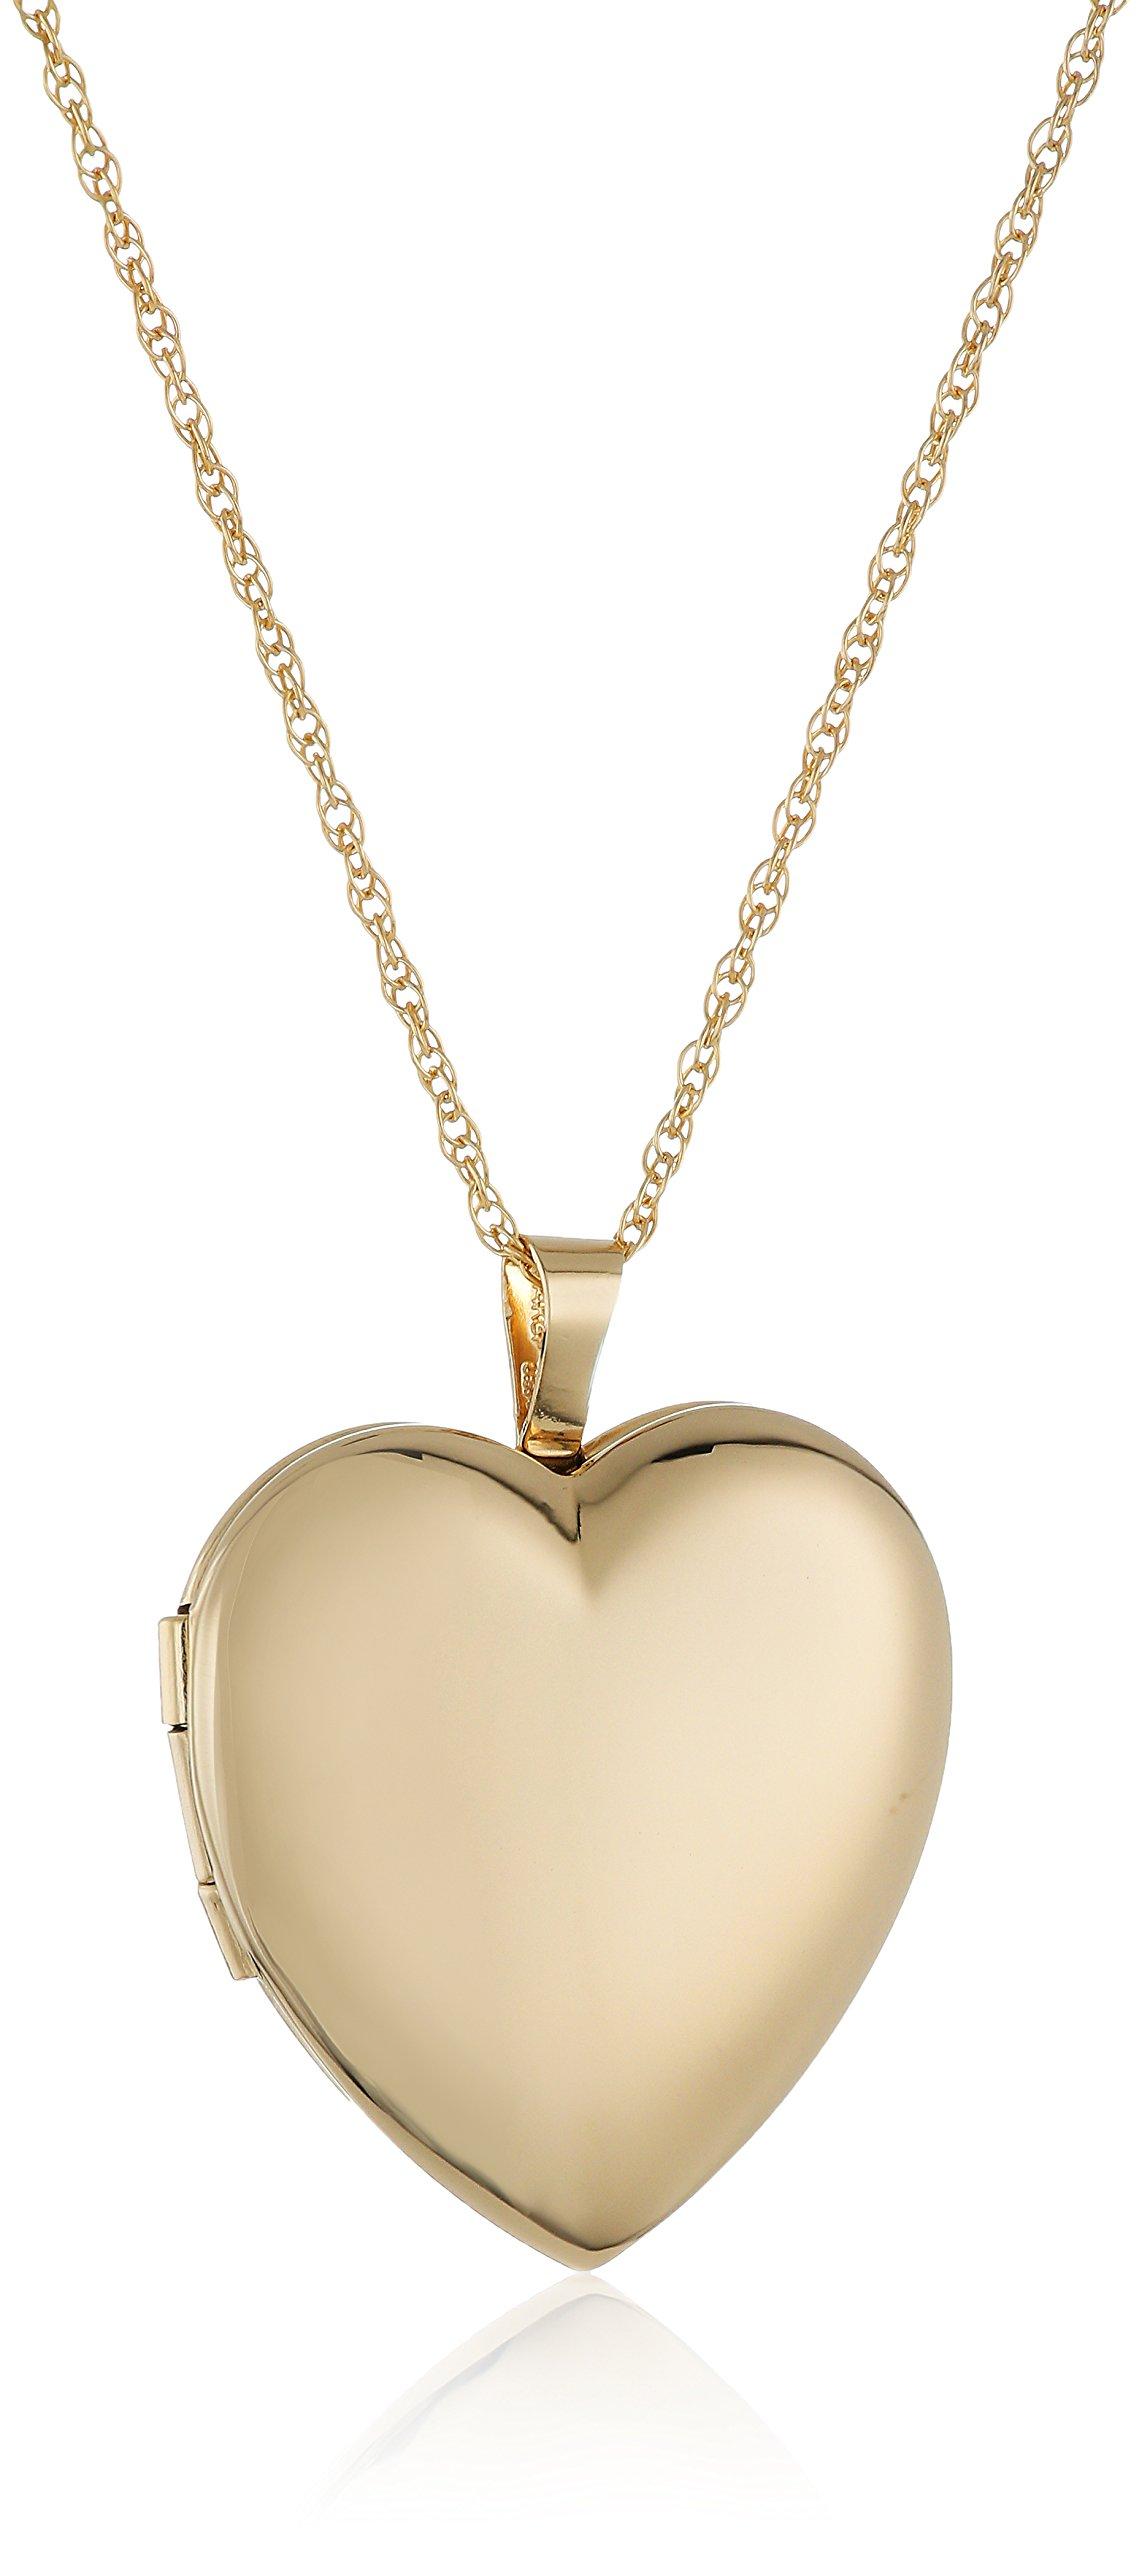 14k Gold-Filled Large Polished Heart Locket Necklace, 18''